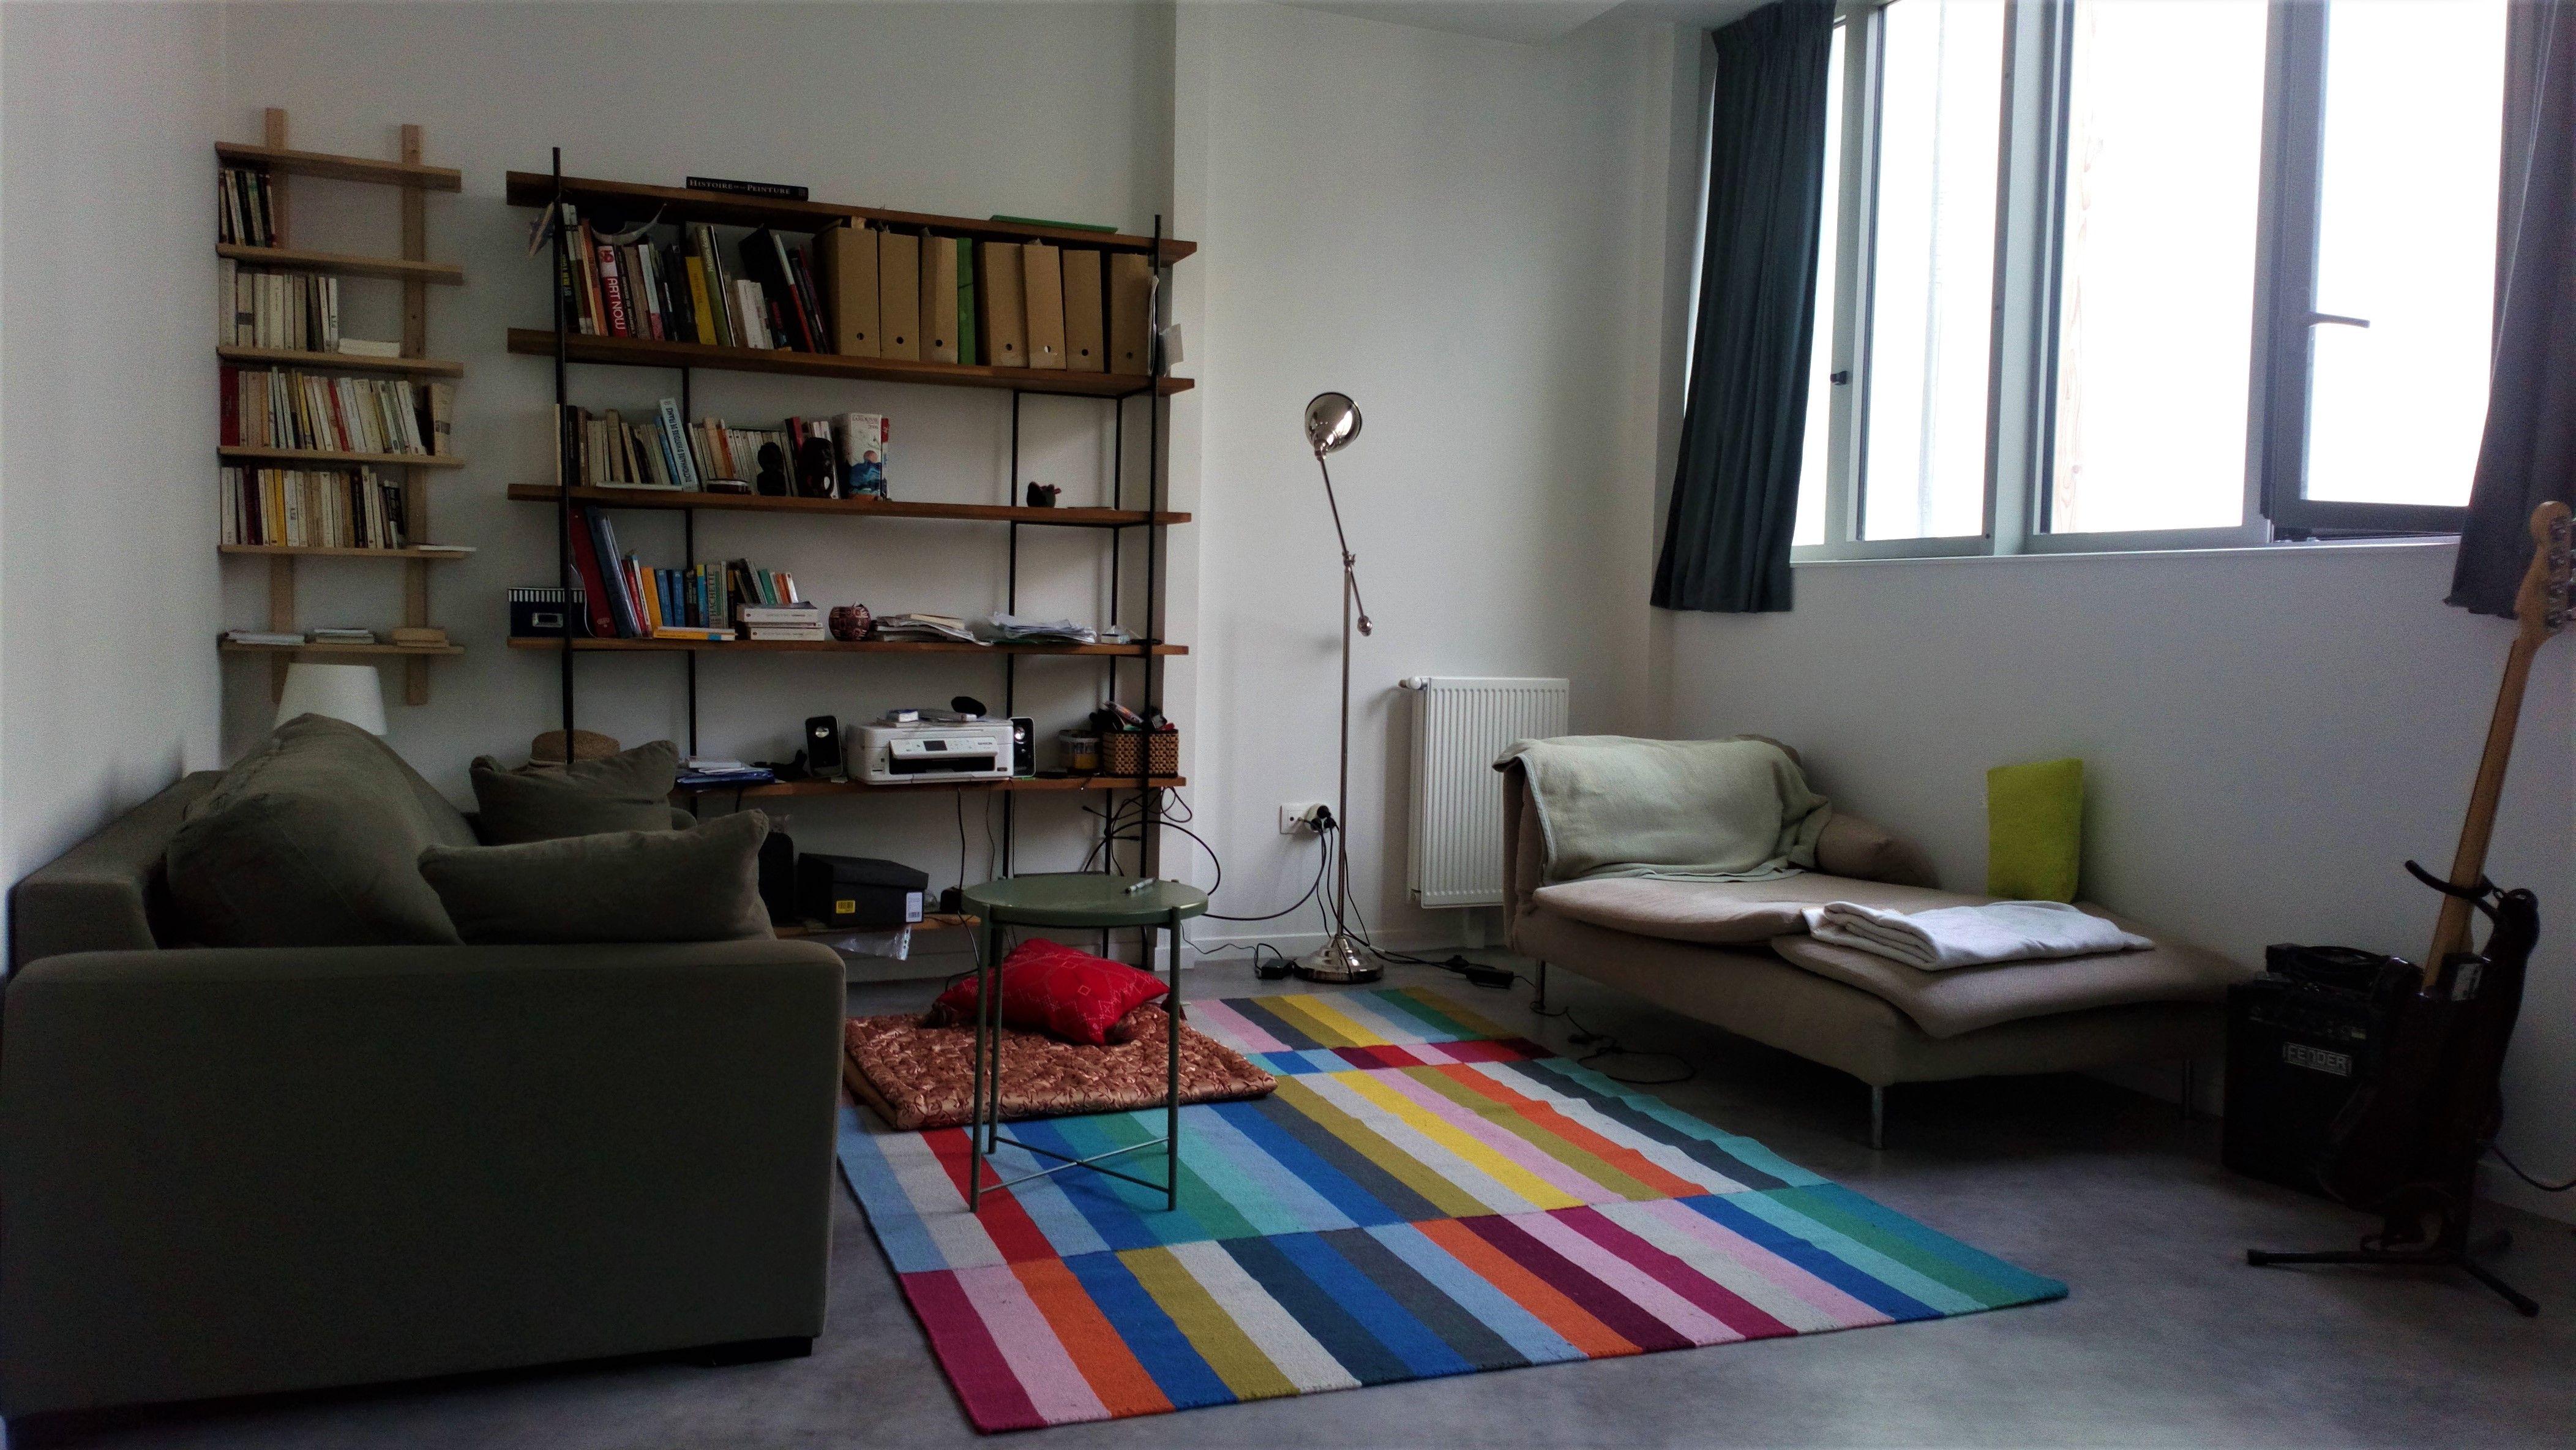 Chambre-à-louer-Paris 18ème arrondissement-KALIKO